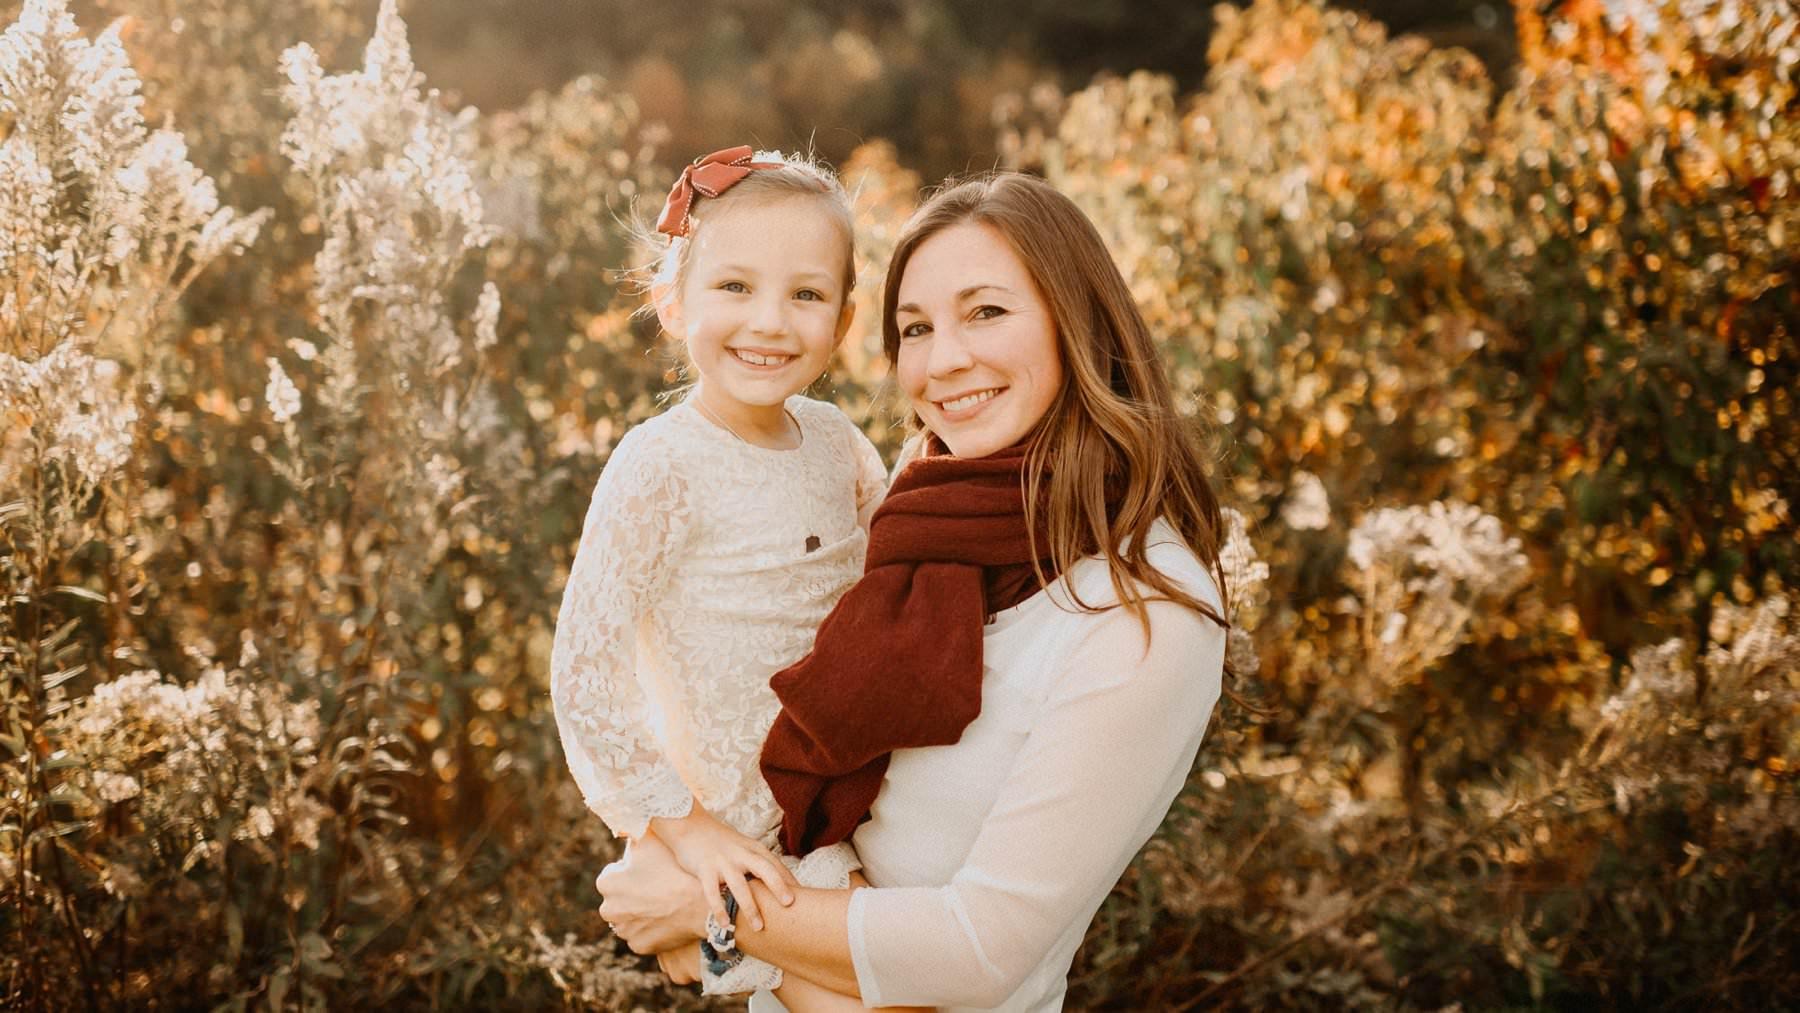 Delaware-family-photographer-10.jpg